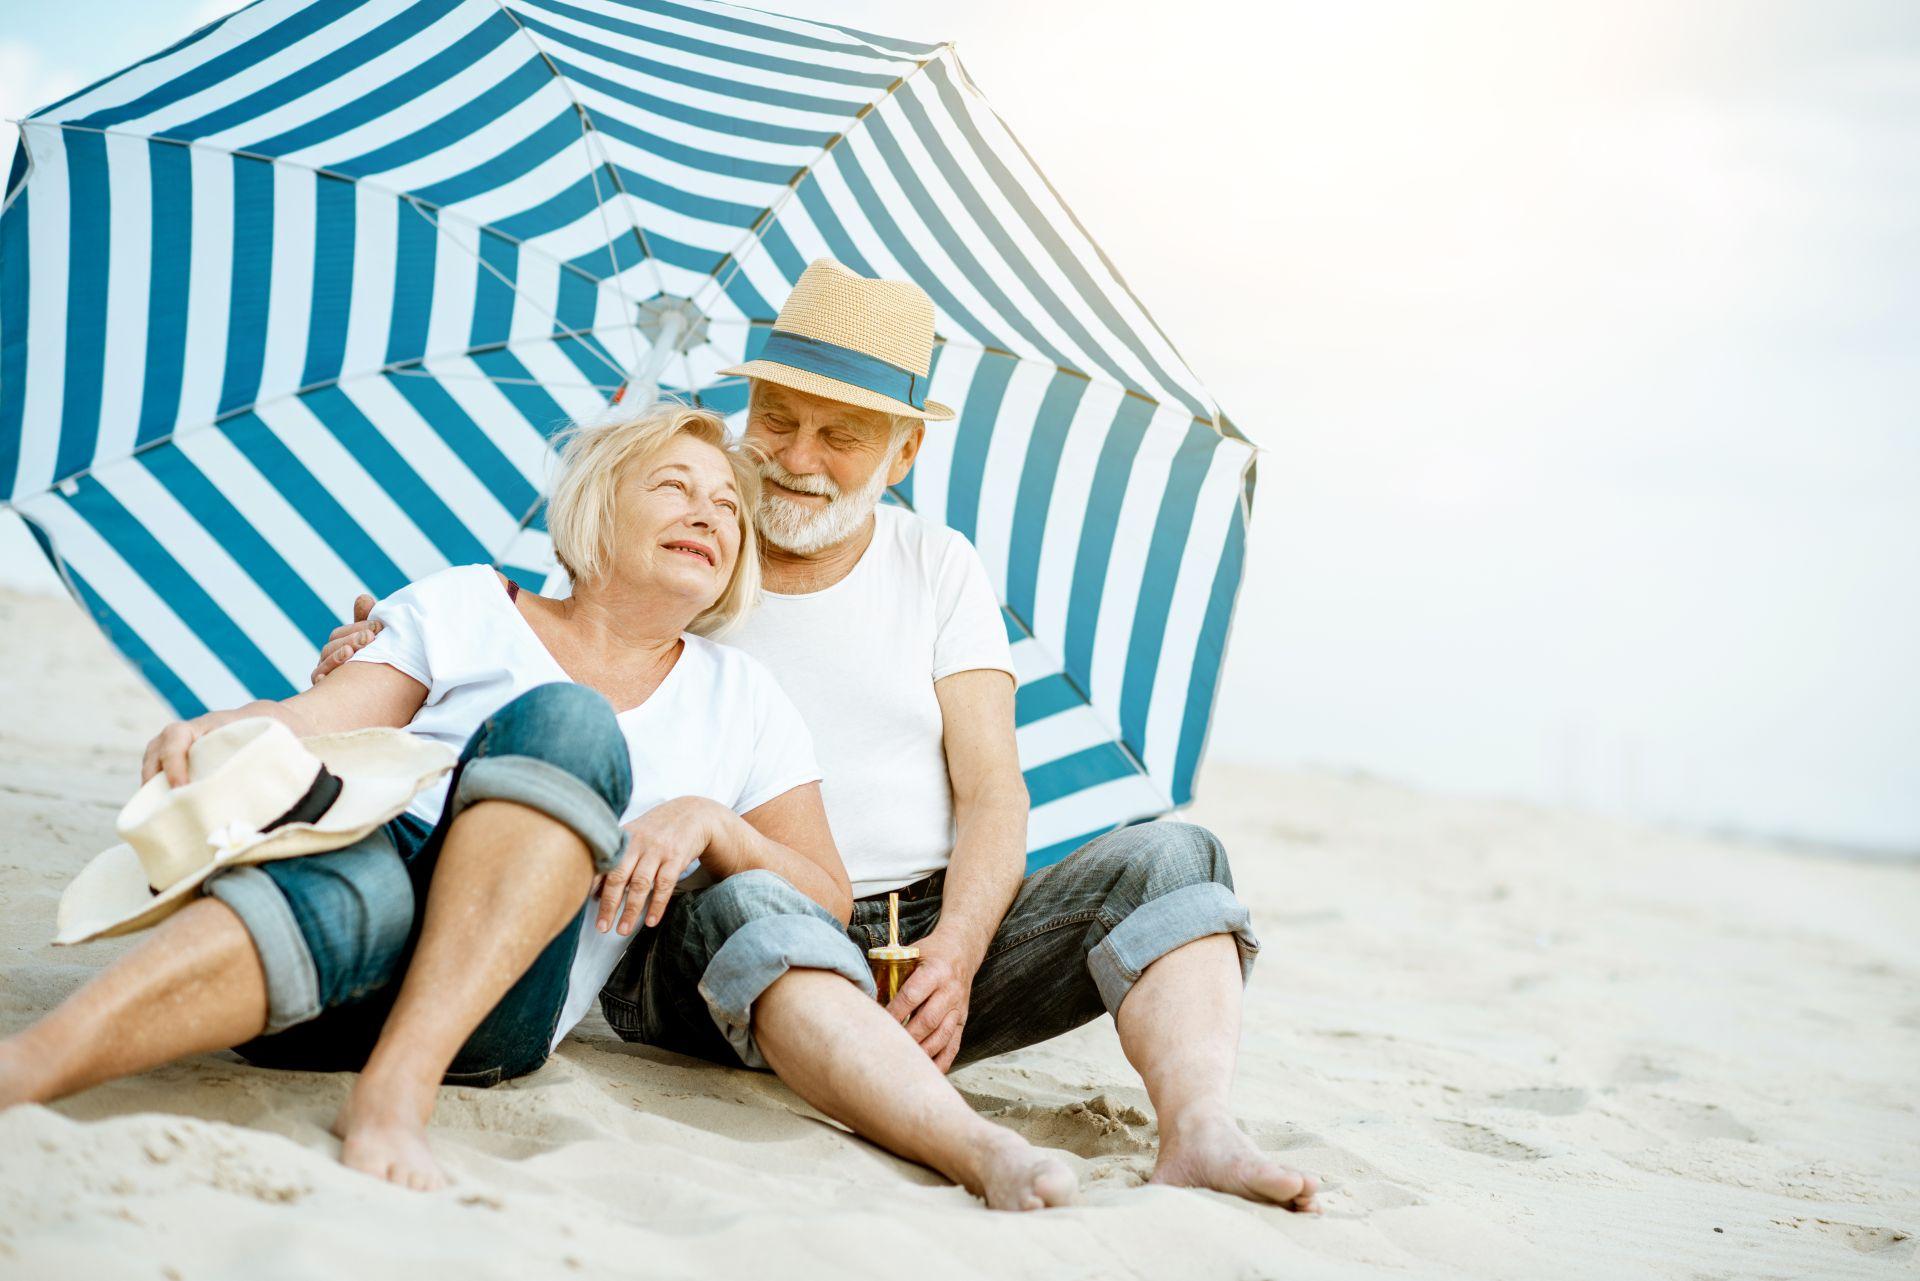 Żyj dłużej ze zdrowym sercem - zadbaj o zdrowie, poziom cholesterolu i serce. Wprowadź dietę dla seniora bogatą w sterole roślinne, aby w naturalny sposób obniżyć wysoki poziom złego cholesterolu.